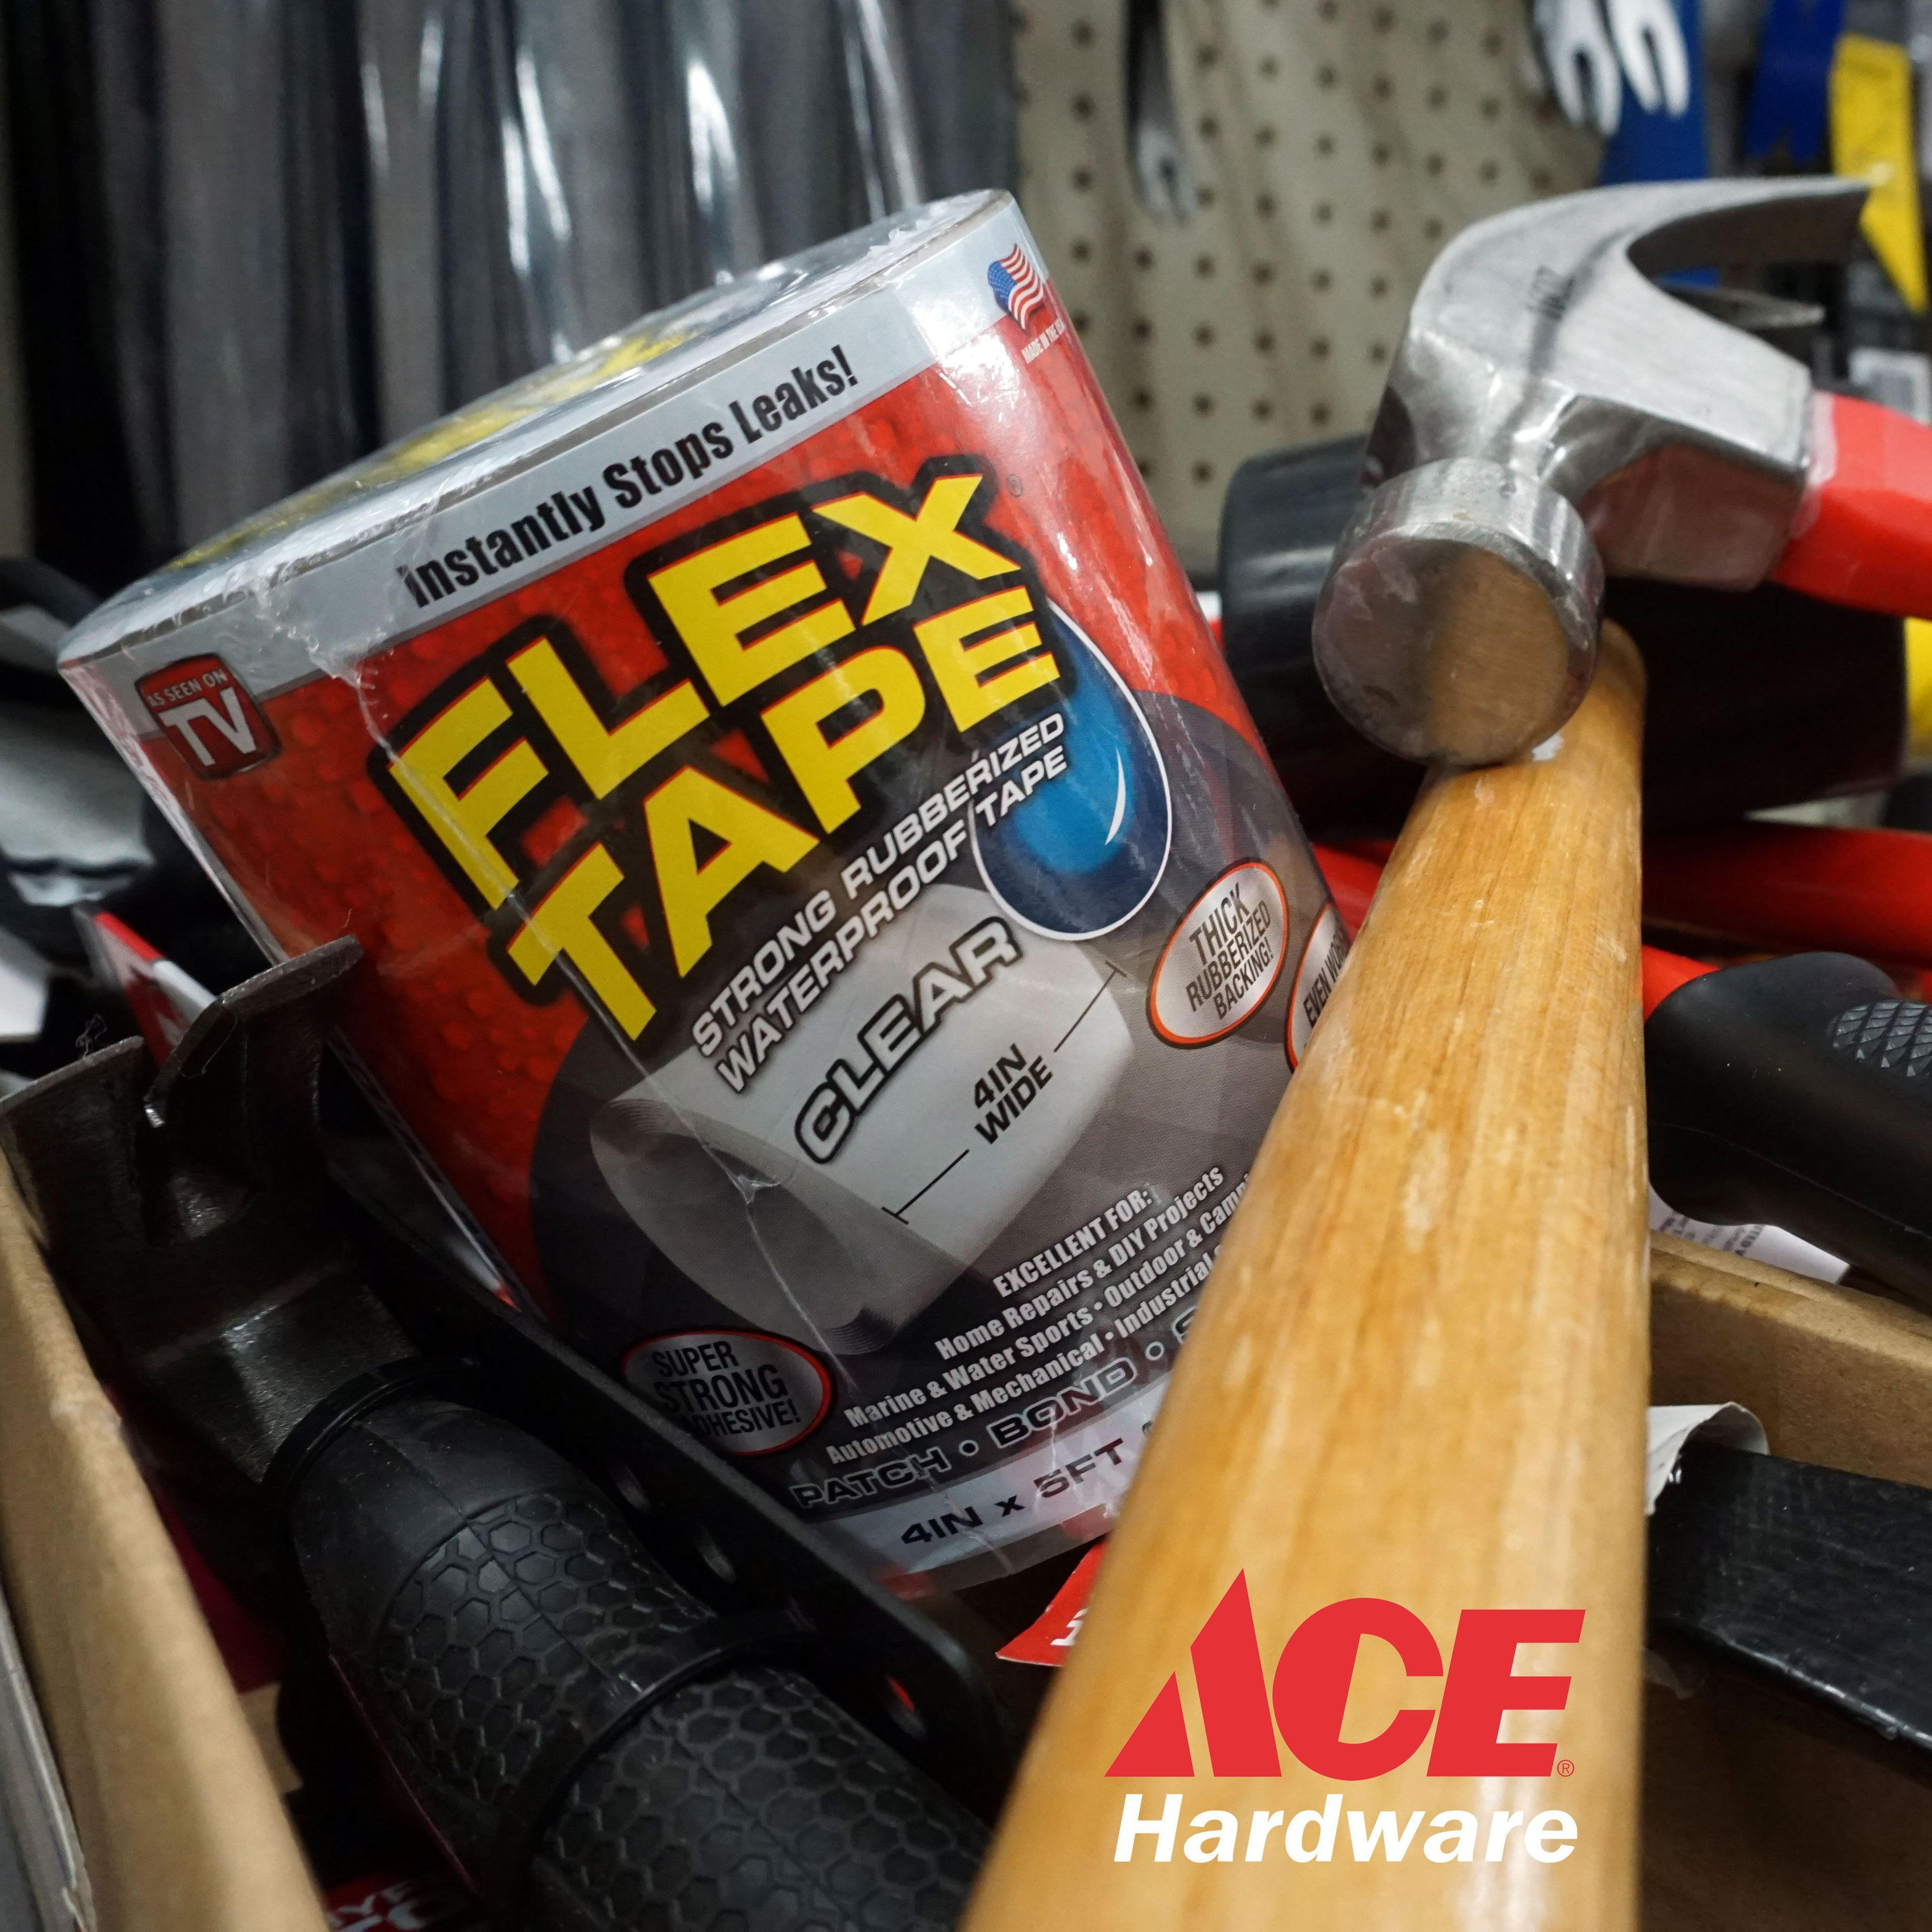 - Flex Tape Waterproof Tape, Ace Hardware, Flex